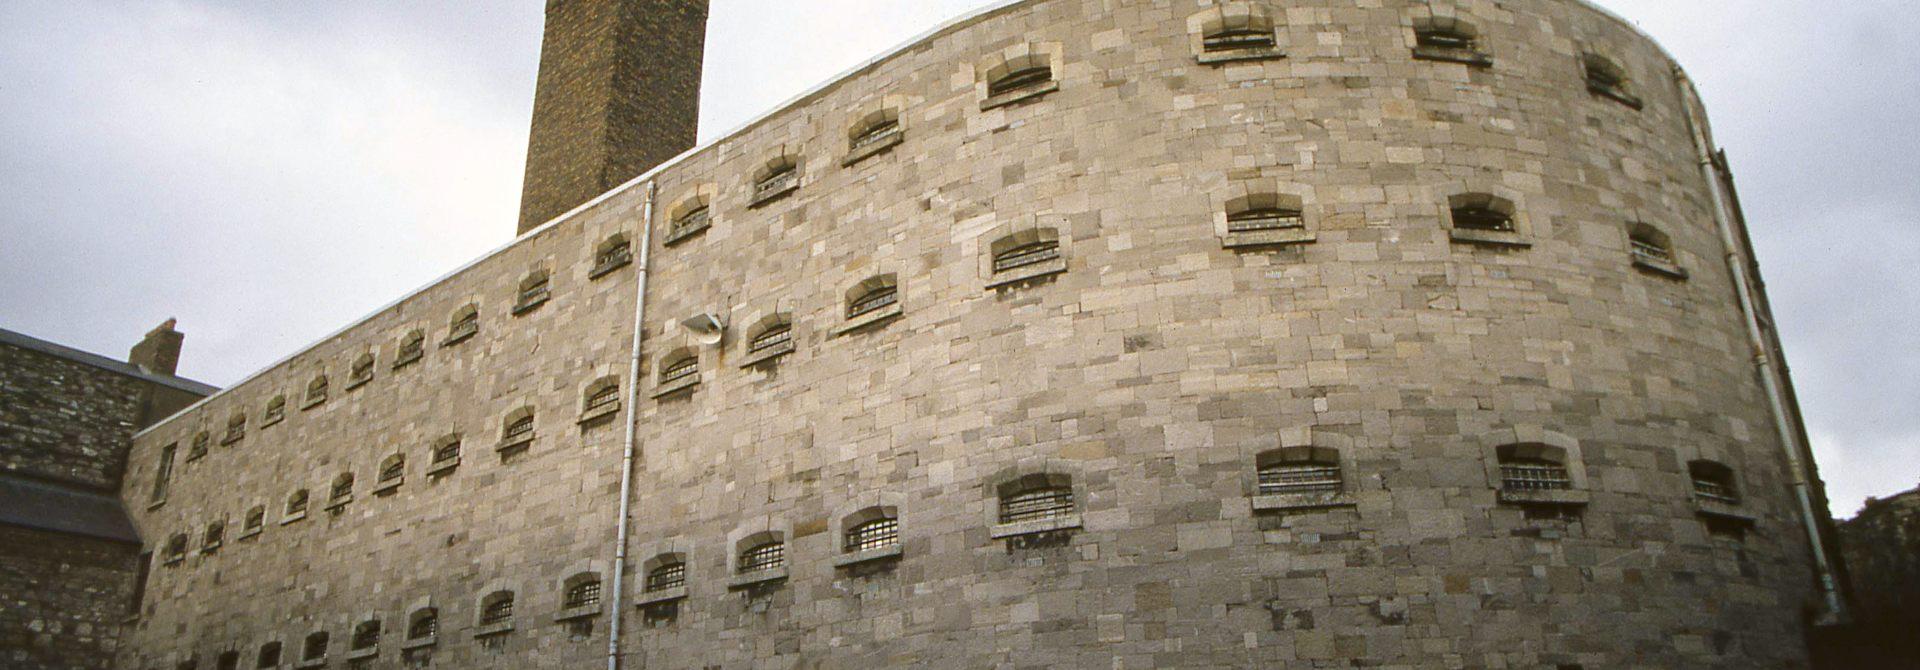 Kilmainham Gaol Header